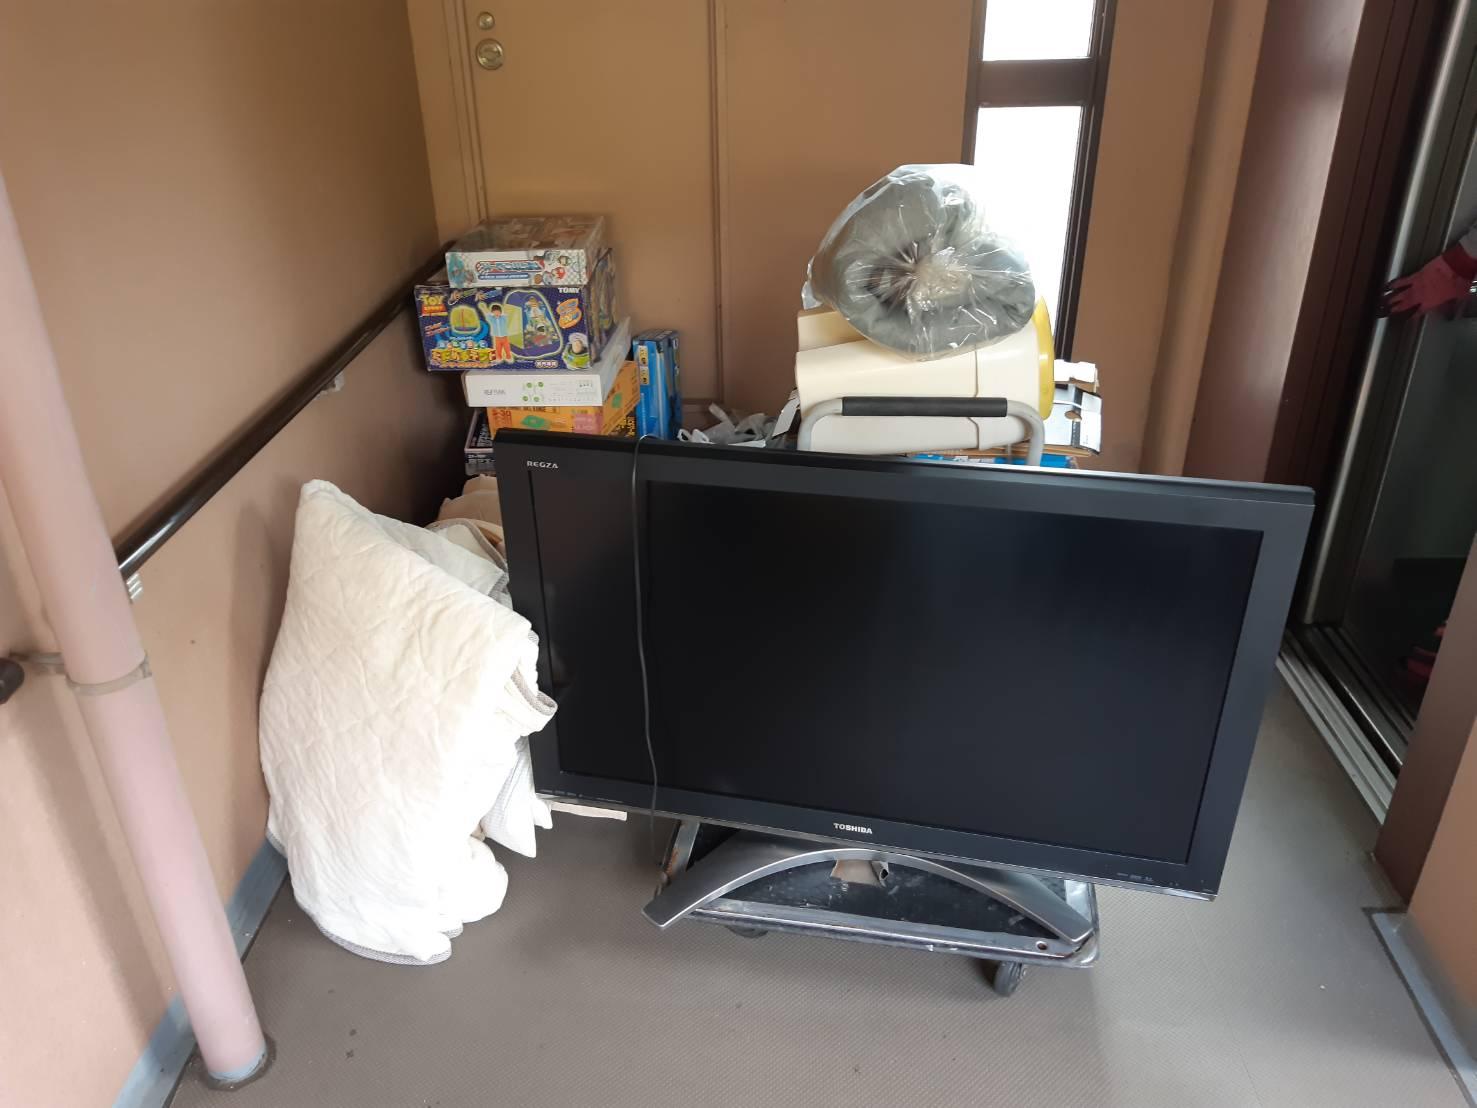 テレビ、寝具、おもちゃの回収前